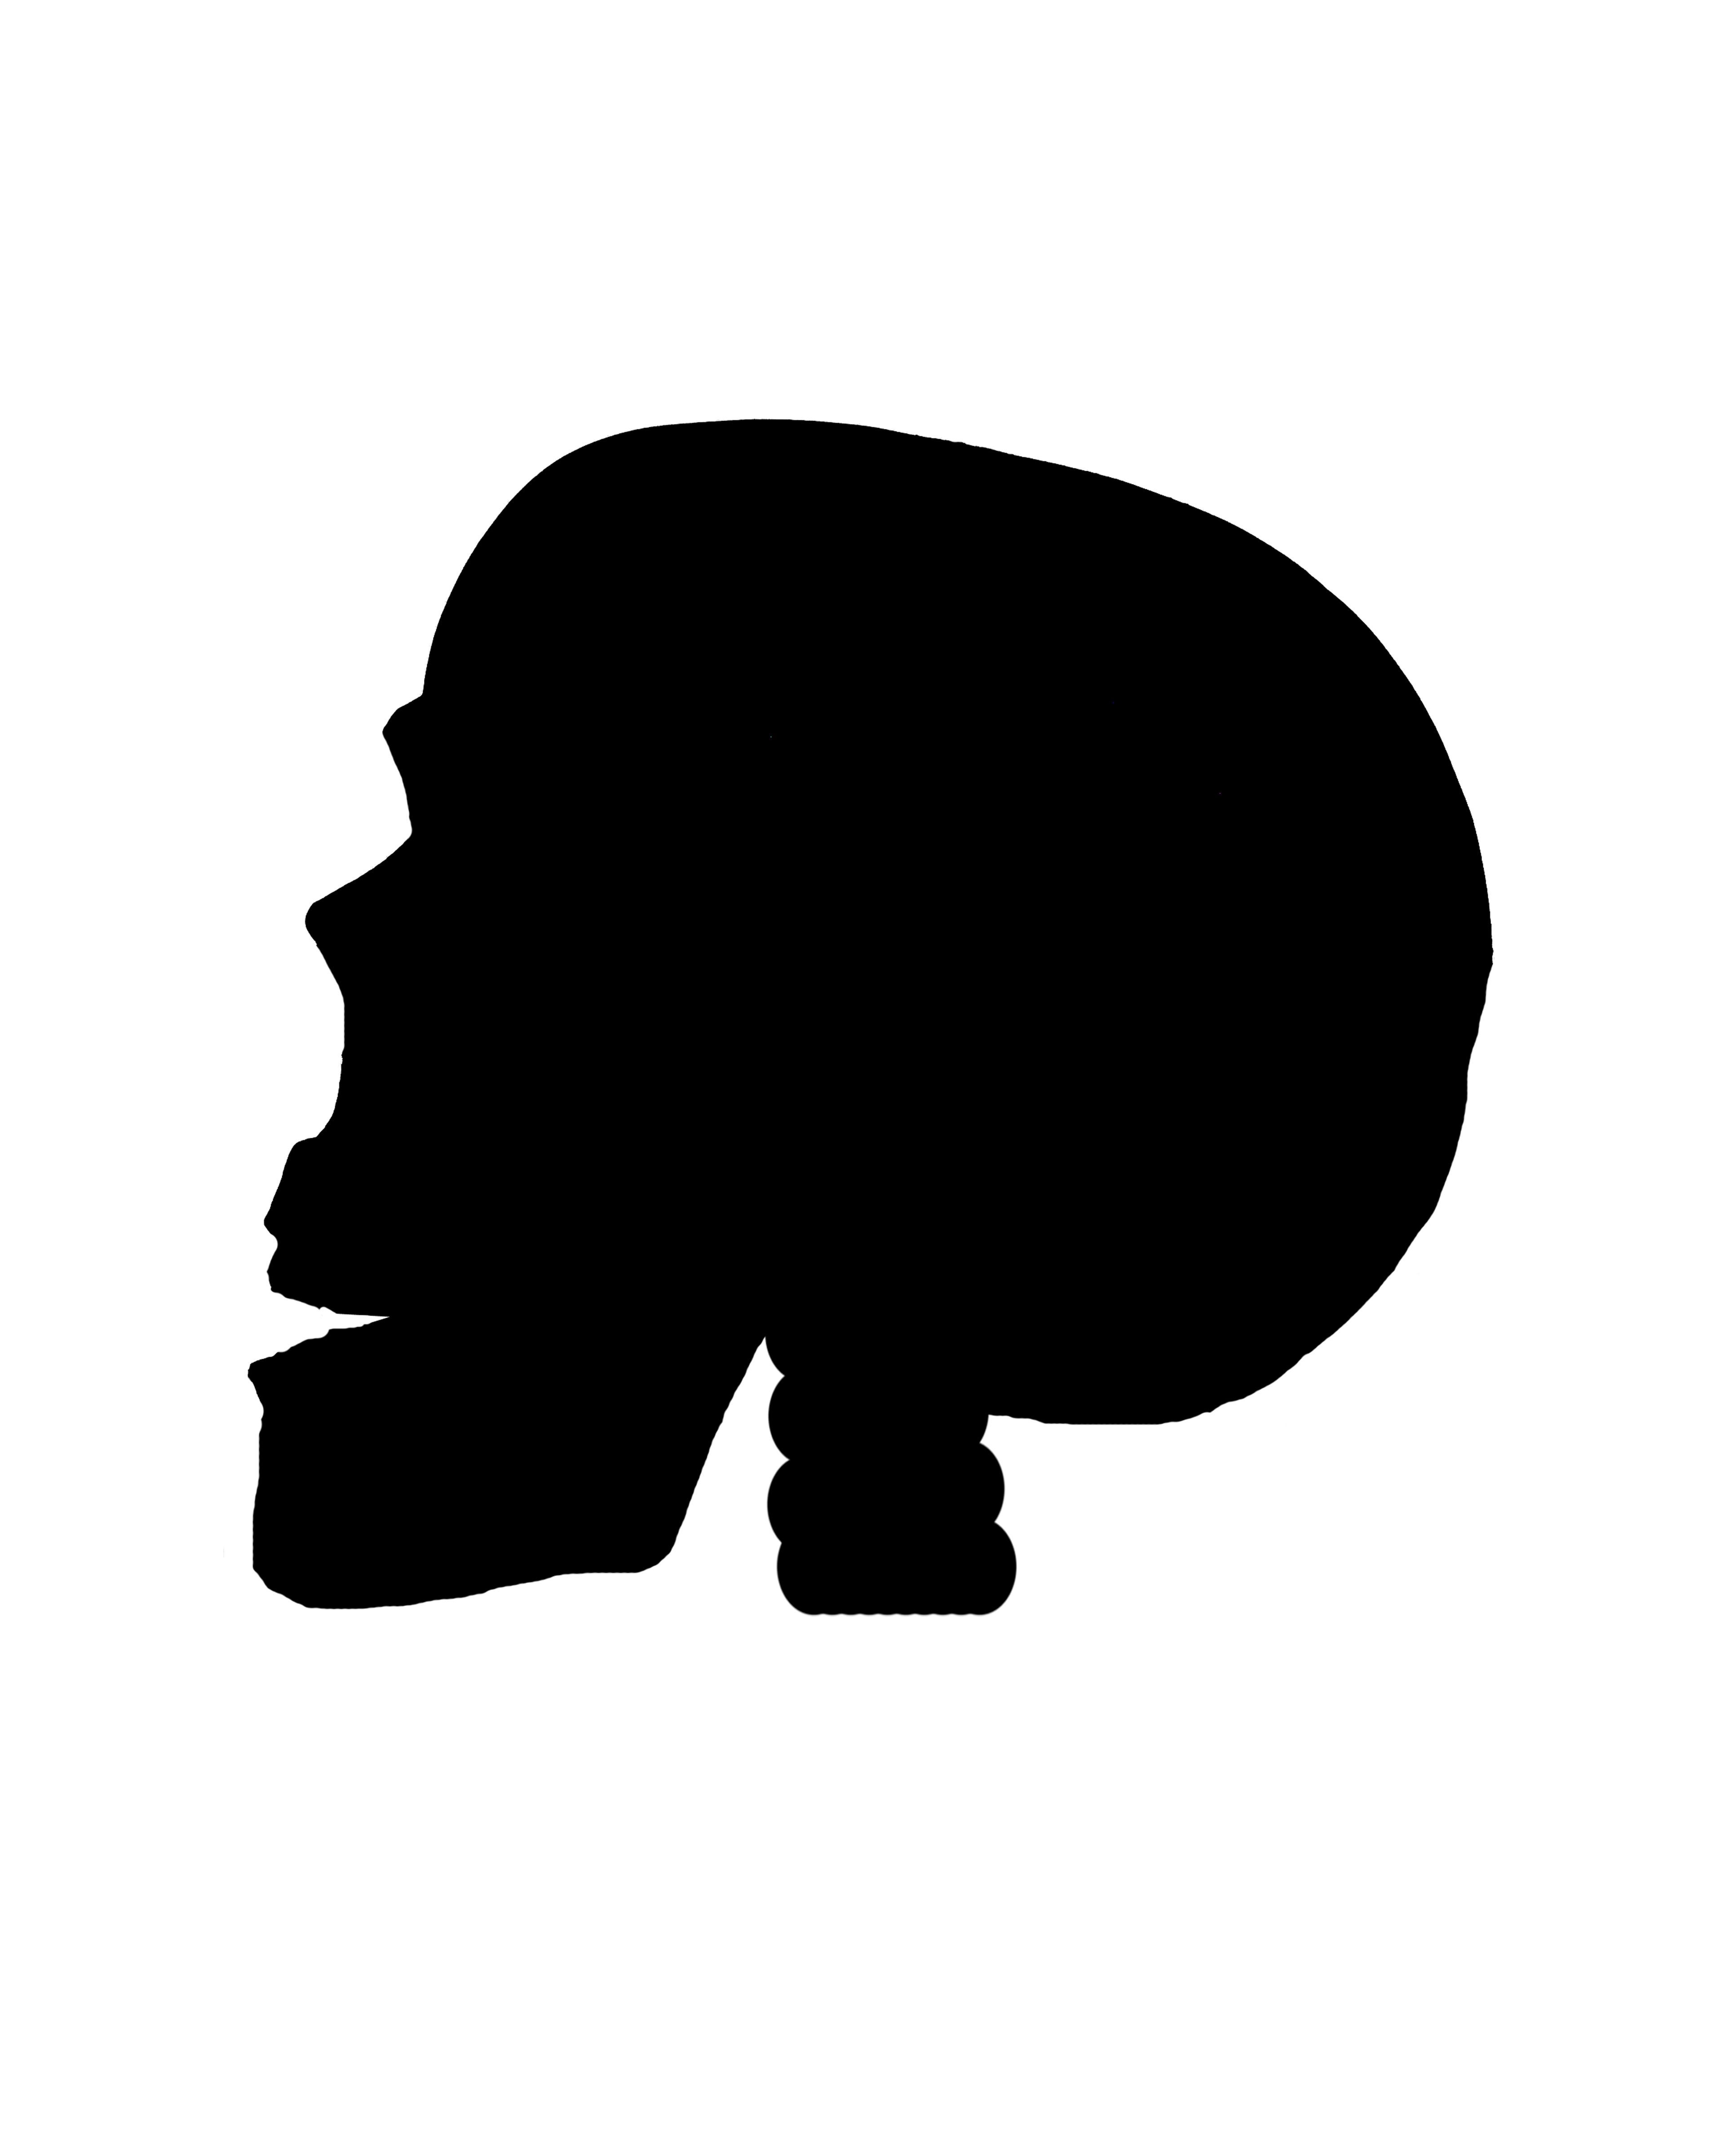 Skull Silhouette by seiyastockHalloween Skull Silhouette